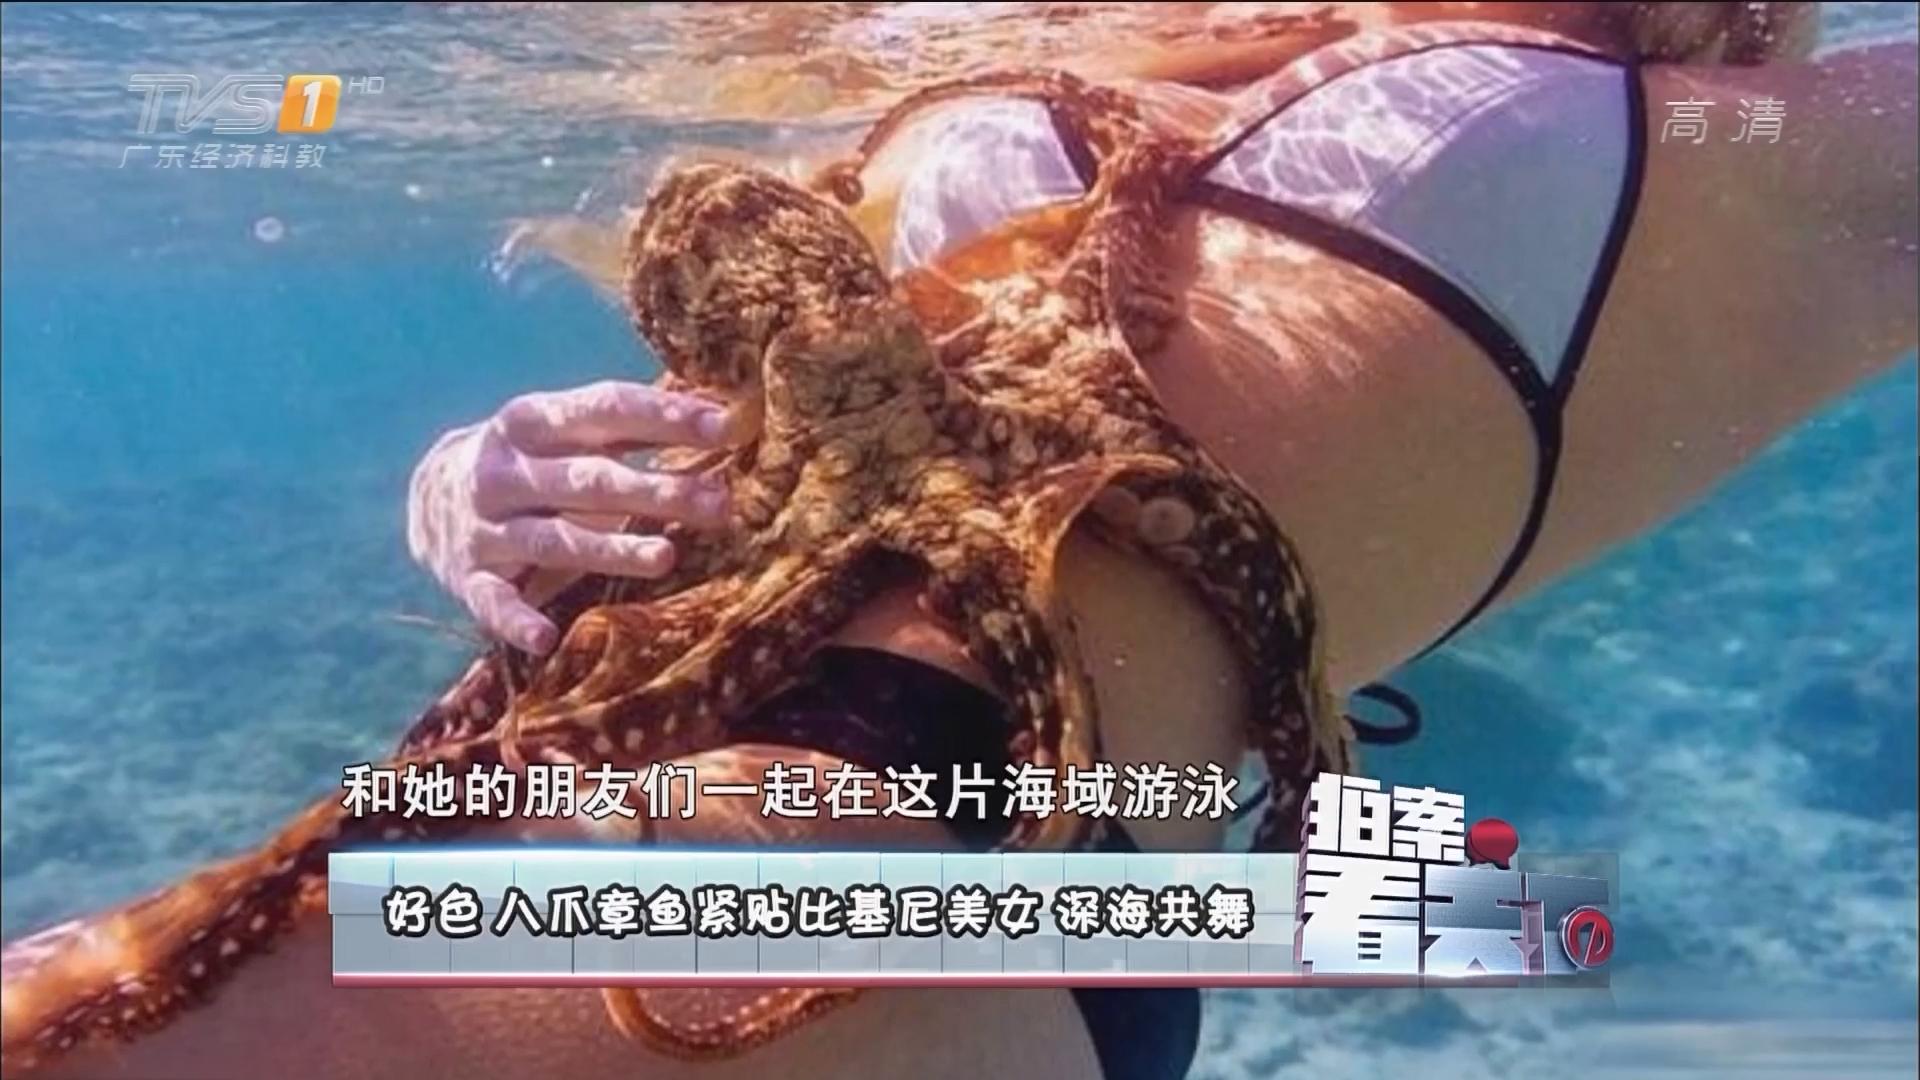 好色八爪章鱼紧贴比基尼美女 深海共舞